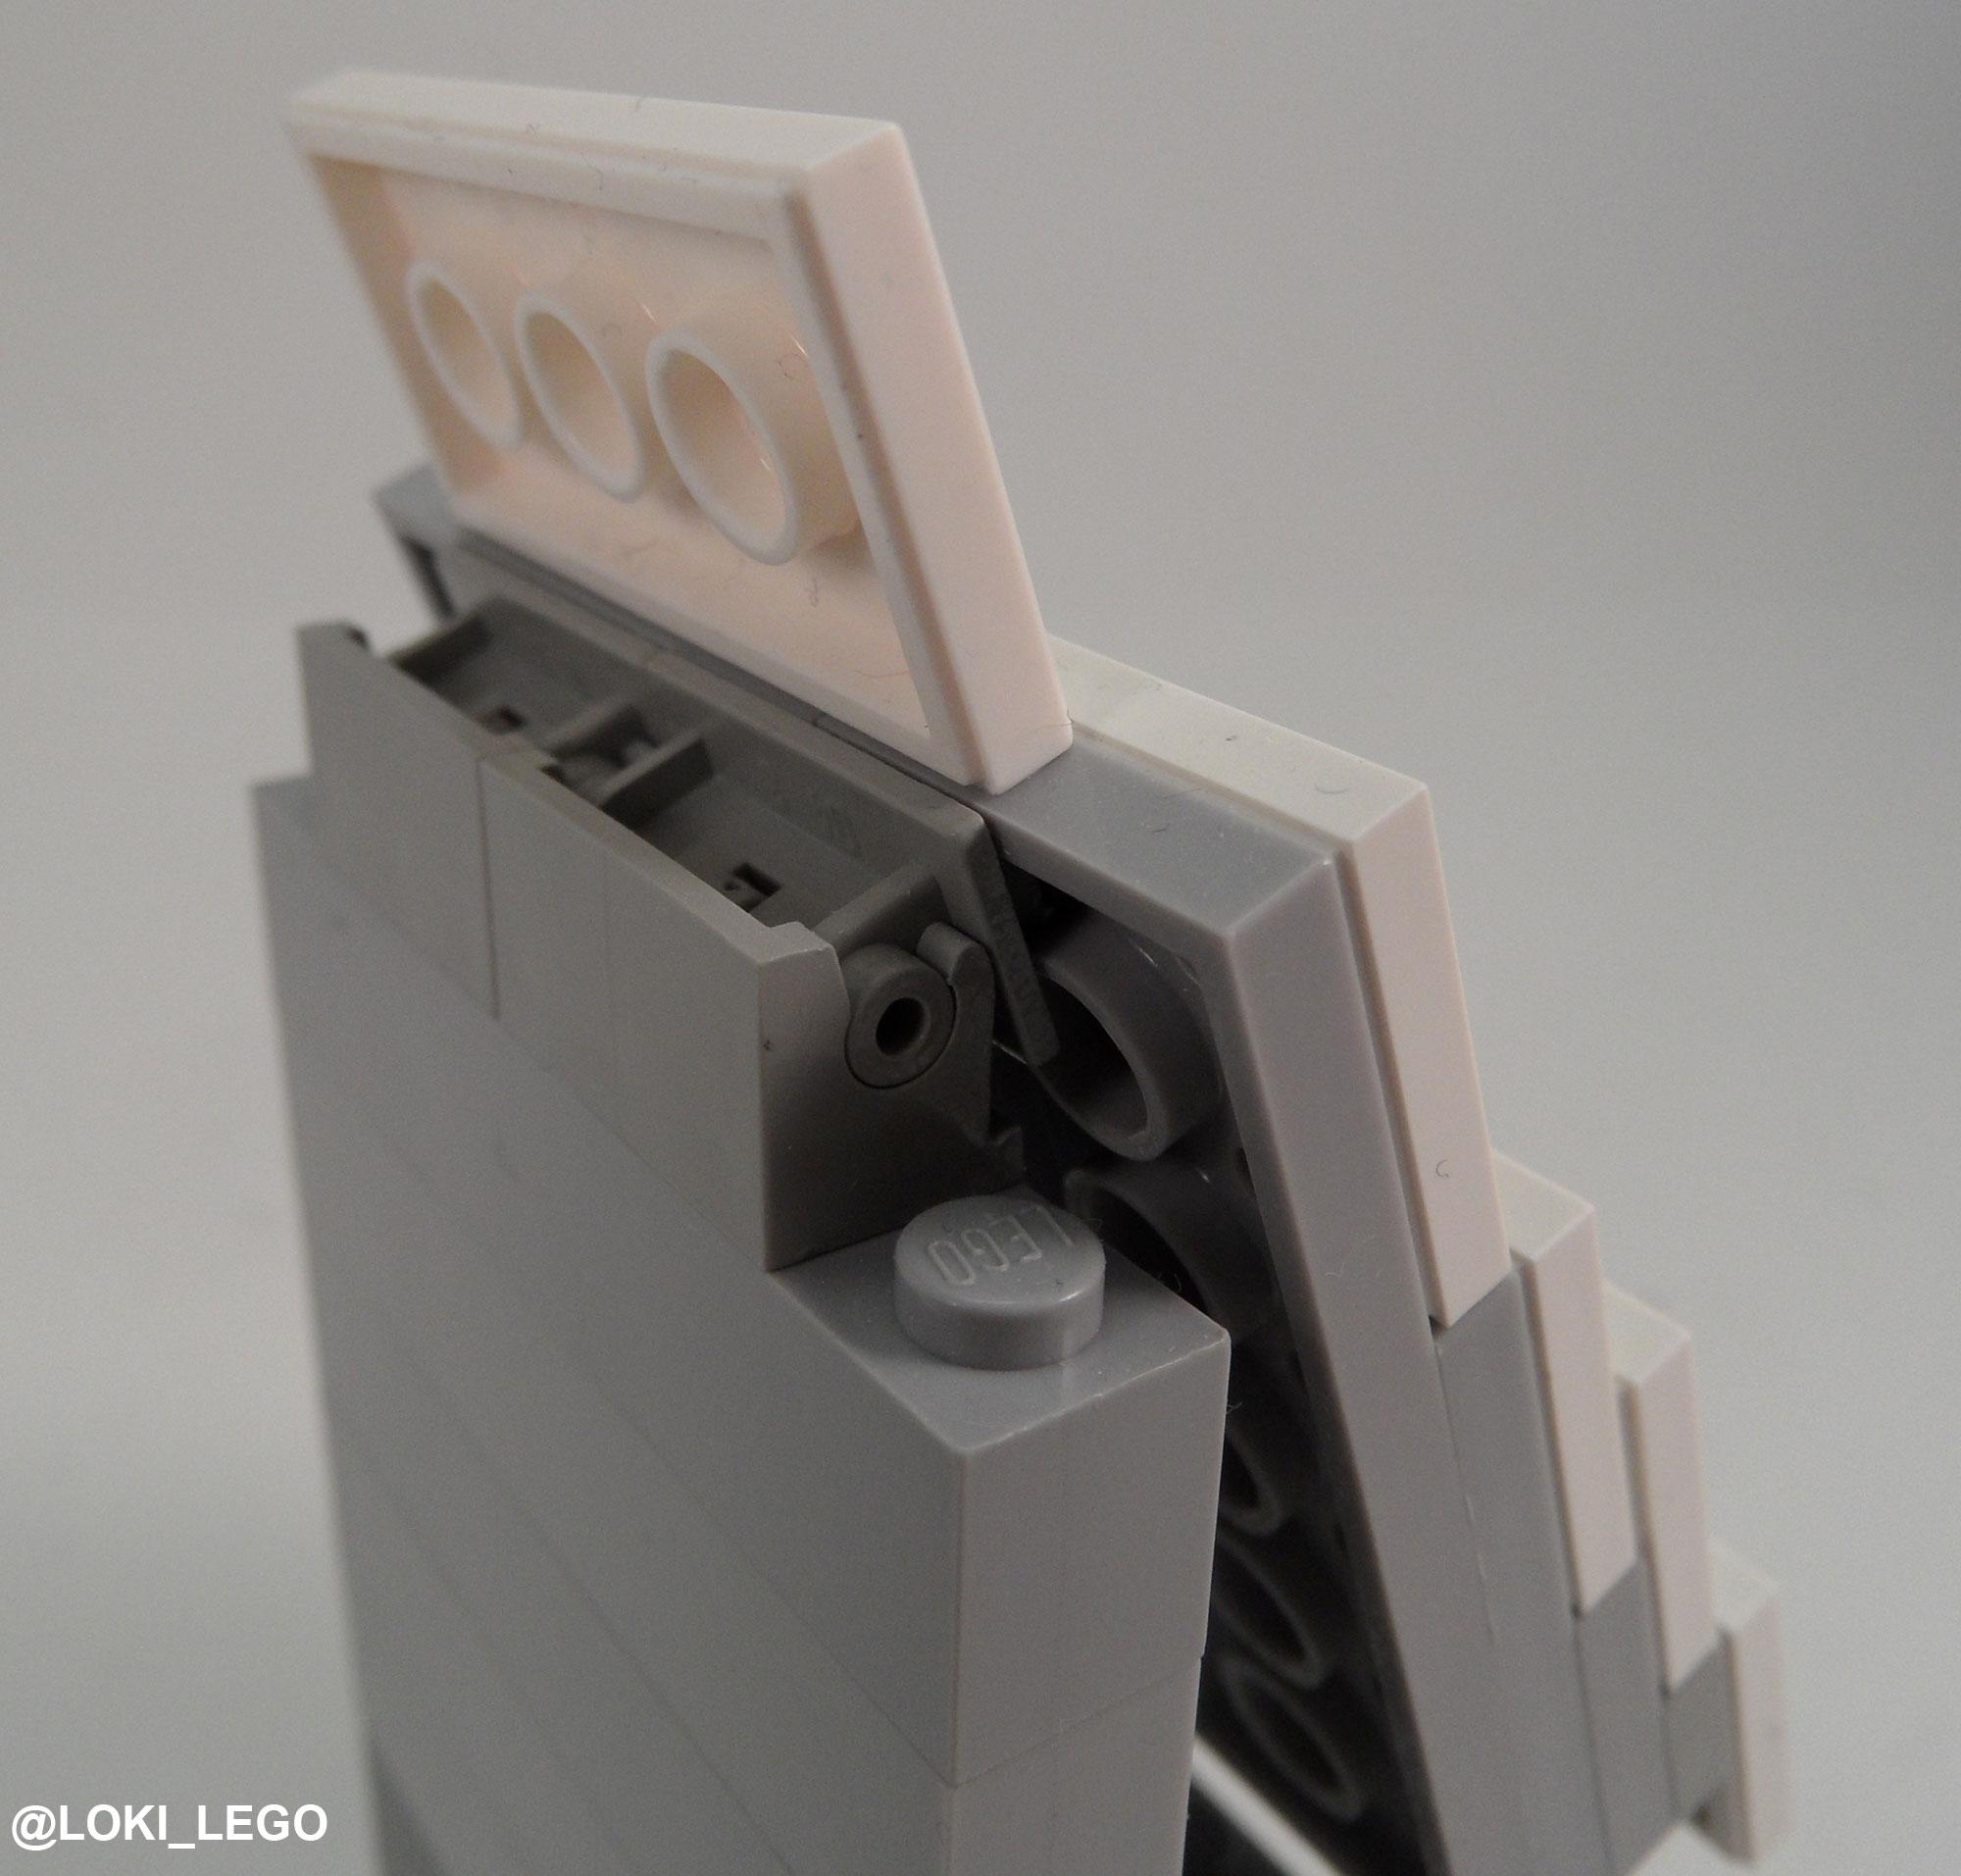 thor-ragnarok-lego-set-21